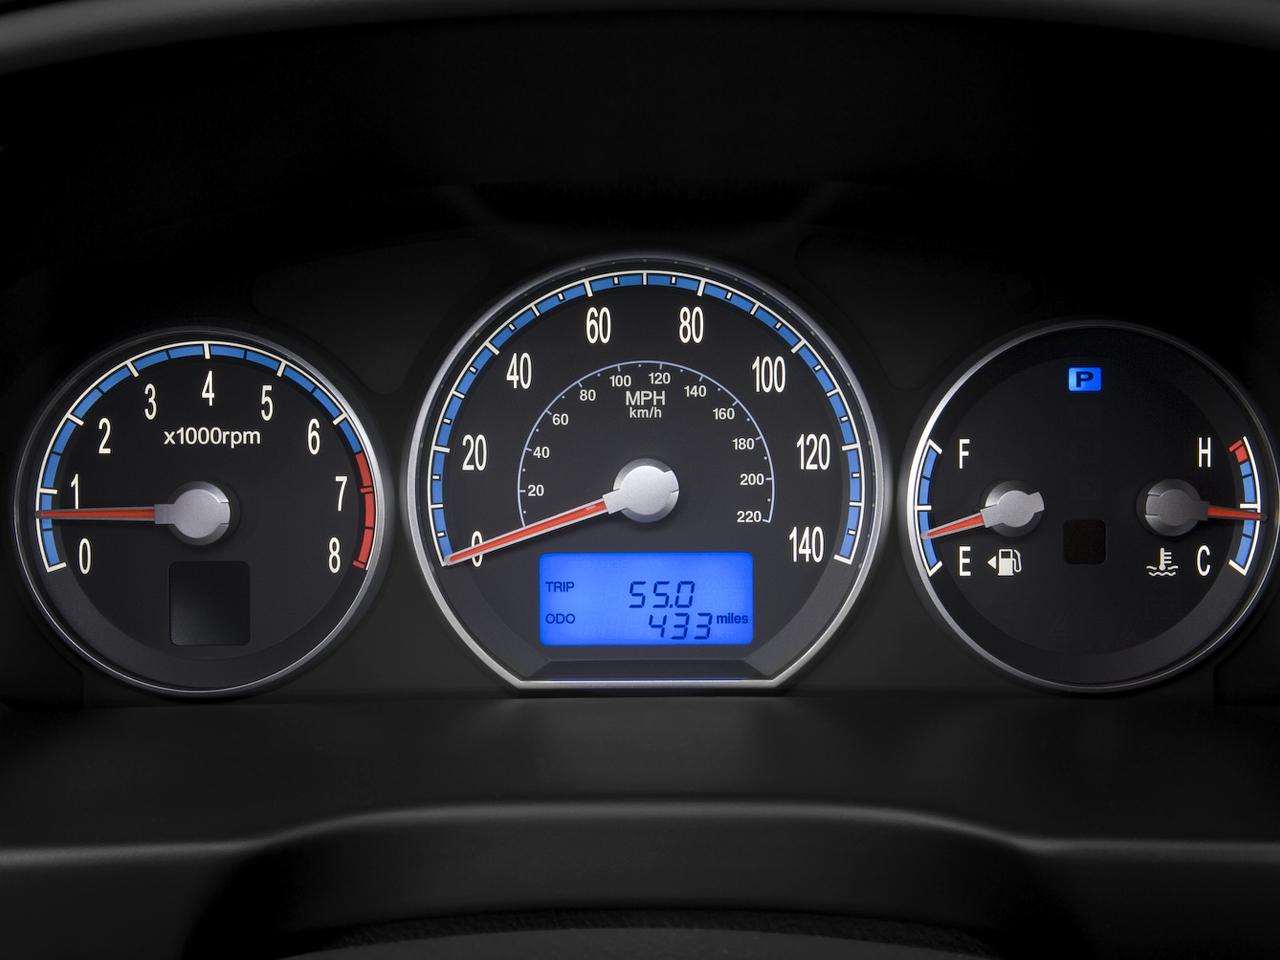 2007 Hyundai Santa Fe Car Review Amp Road Test